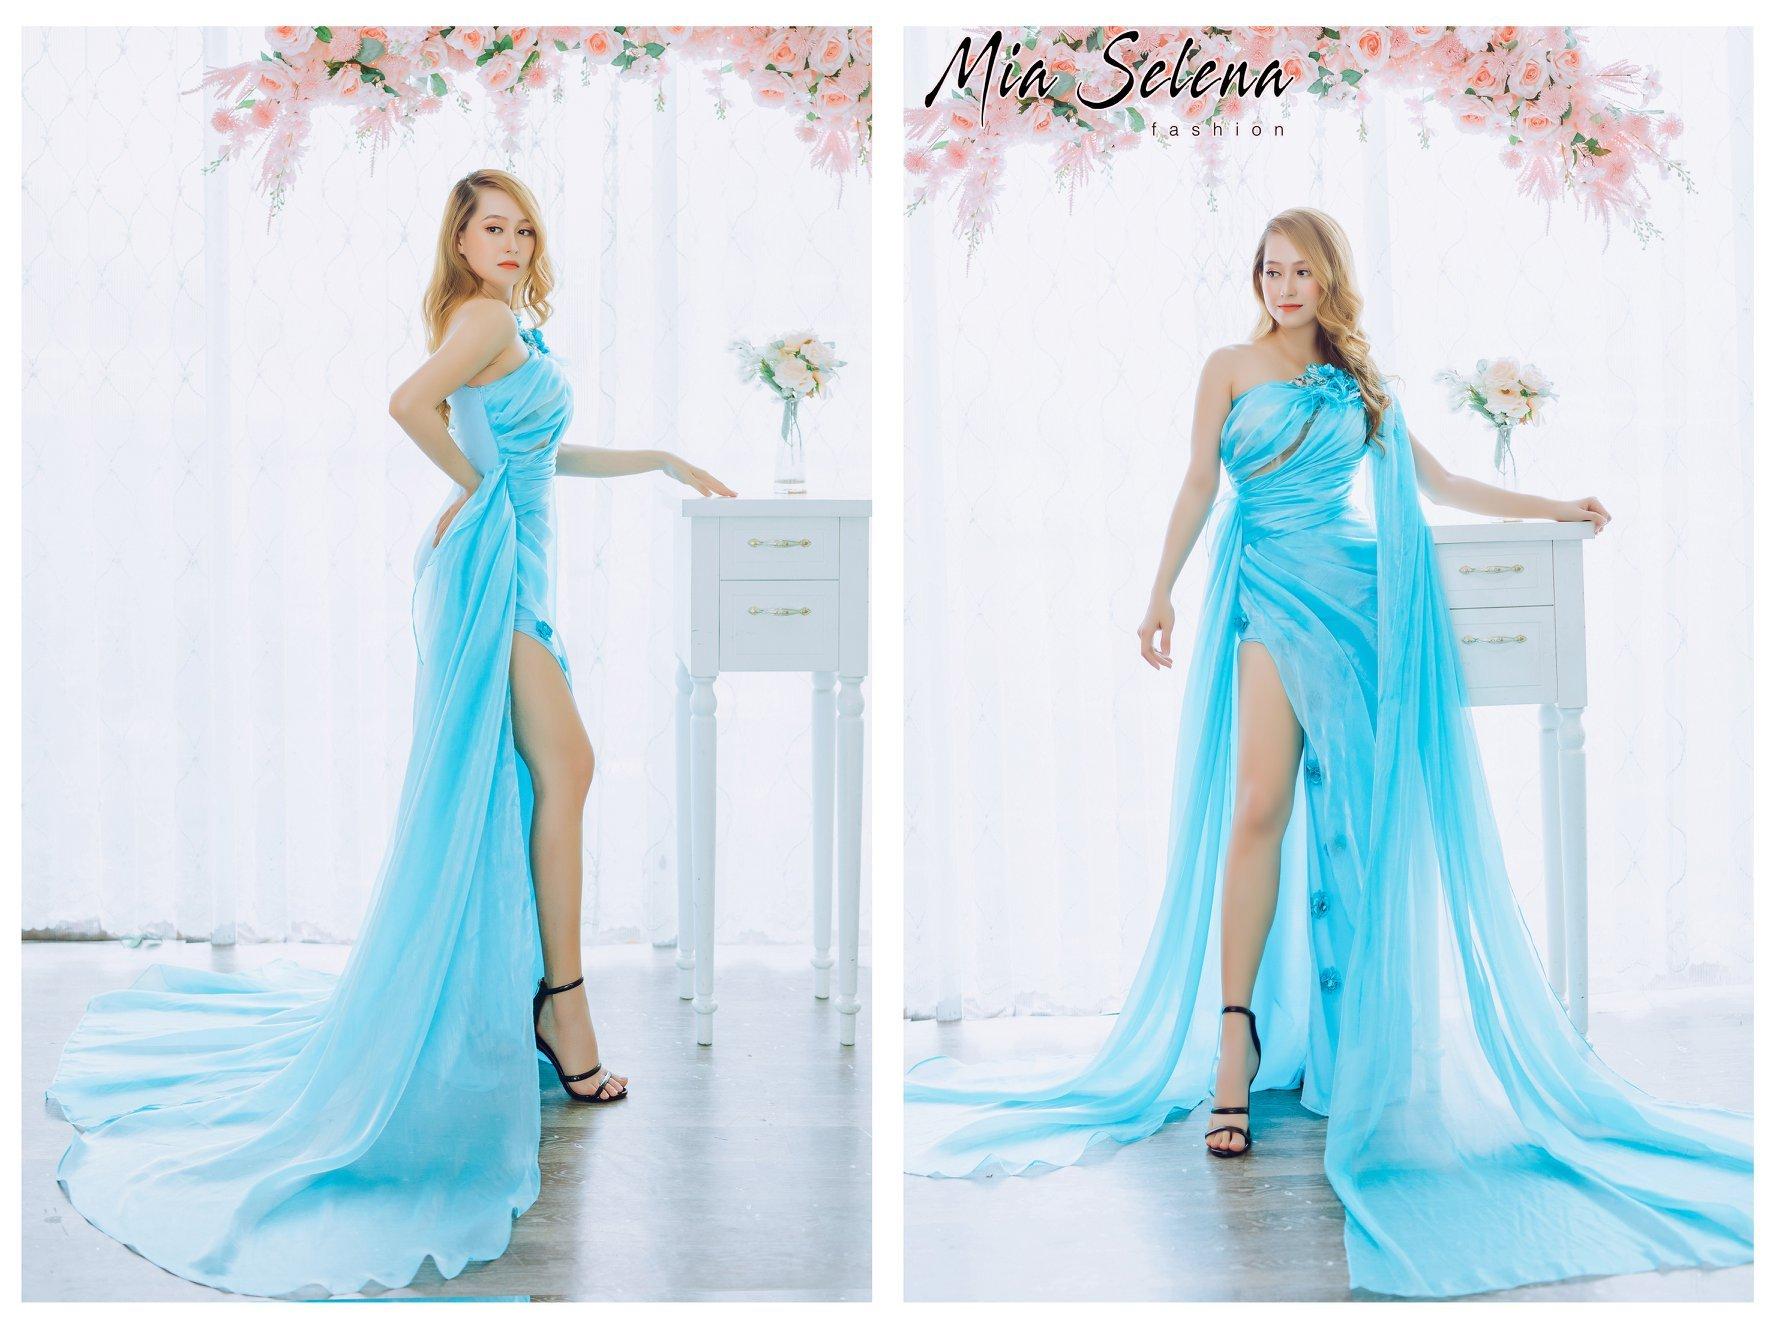 Đầm dạ hội Mia Selena xanh thiết kế trẻ trung